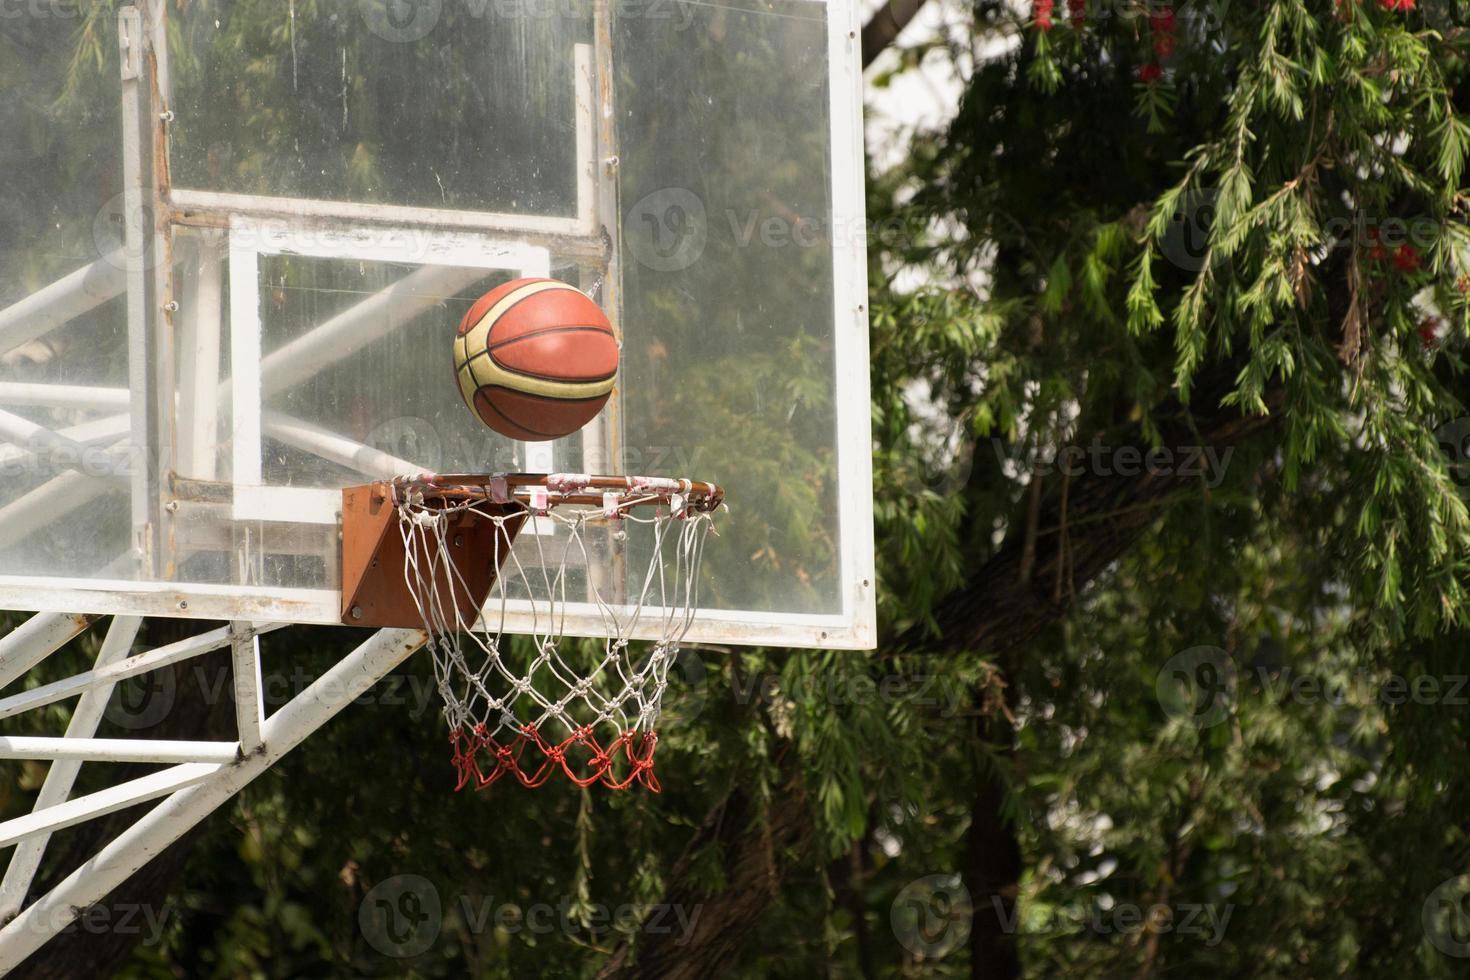 cesta de basquete com basquete foto